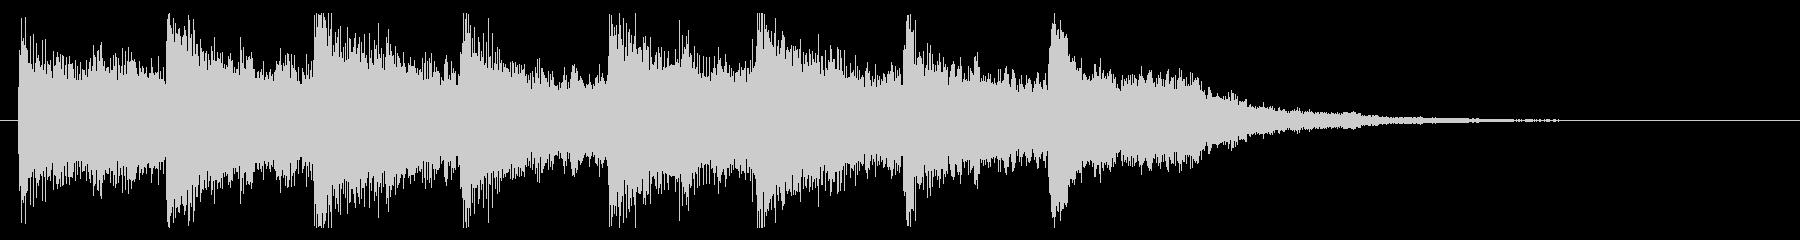 センチメンタルなキラキラジングルの未再生の波形